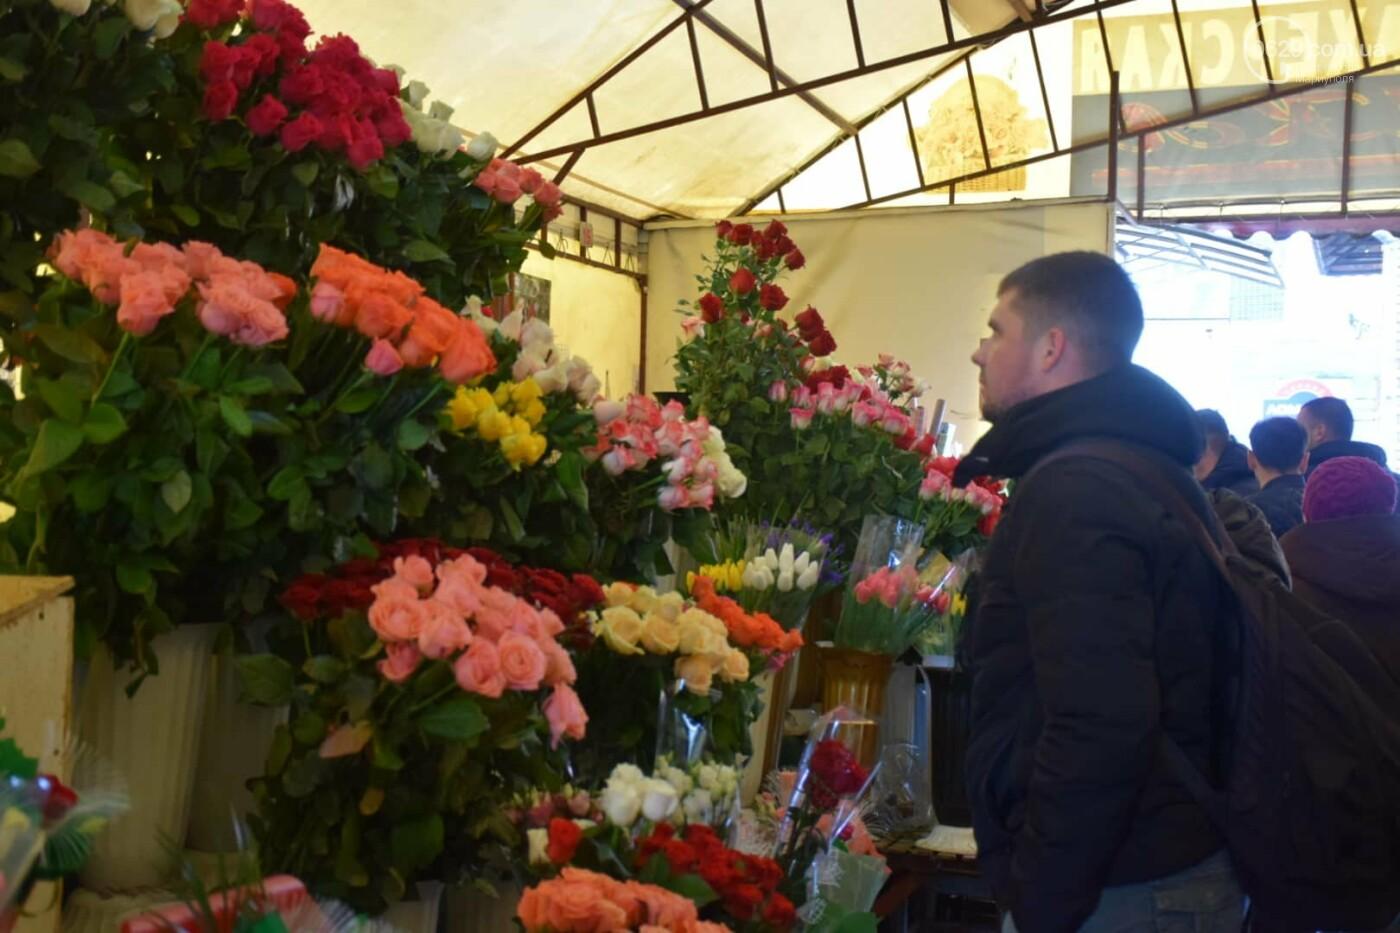 День Святого Валентина в Мариуполе: цветы, шары и мужчины-романтики, - ФОТОРЕПОРТАЖ, фото-9